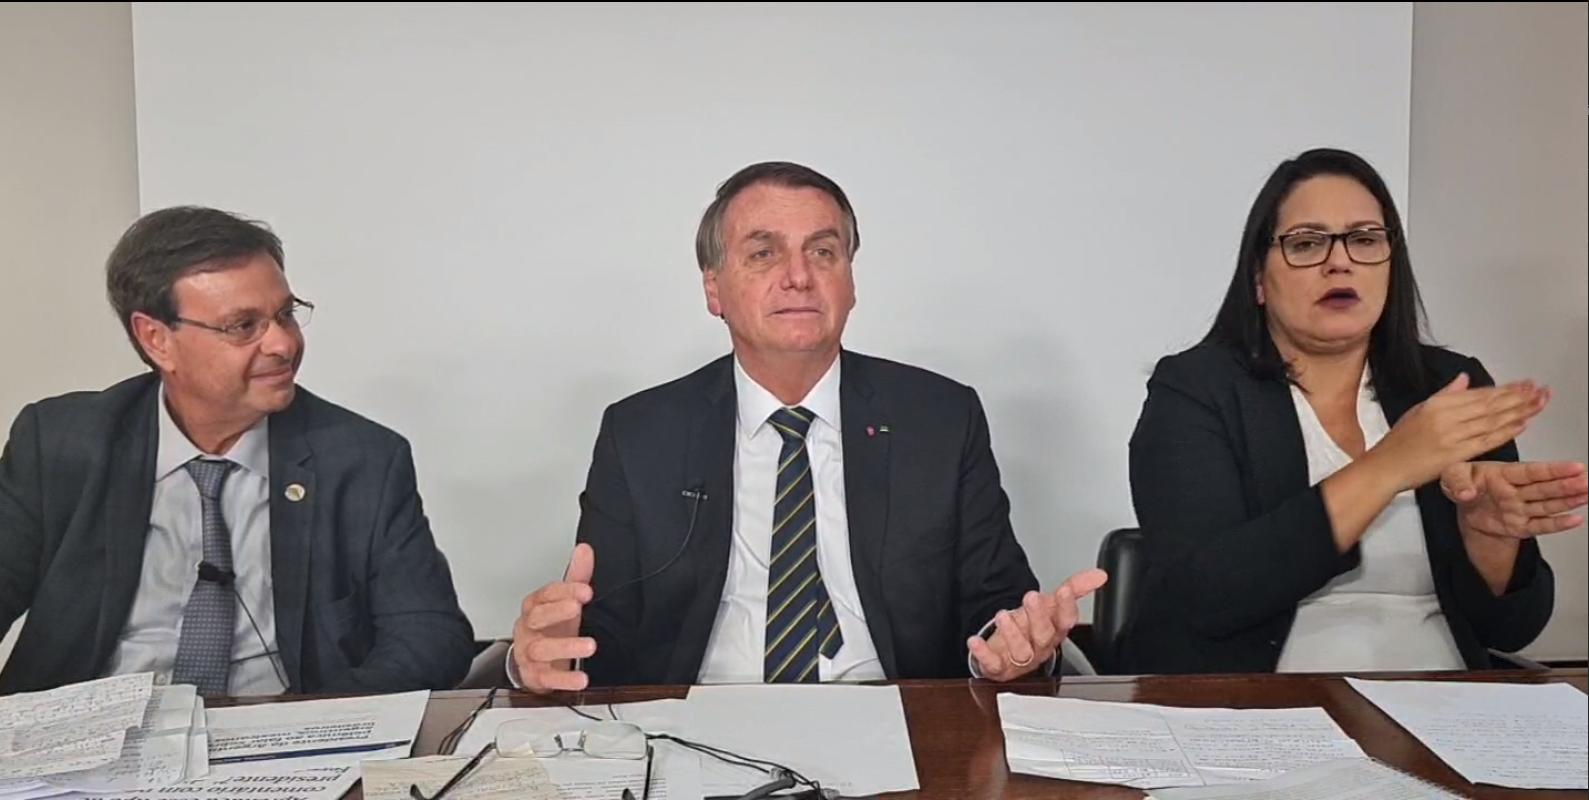 IMAGEM: Datafolha: rejeição de Bolsonaro nas urnas sobe e chega a 59%